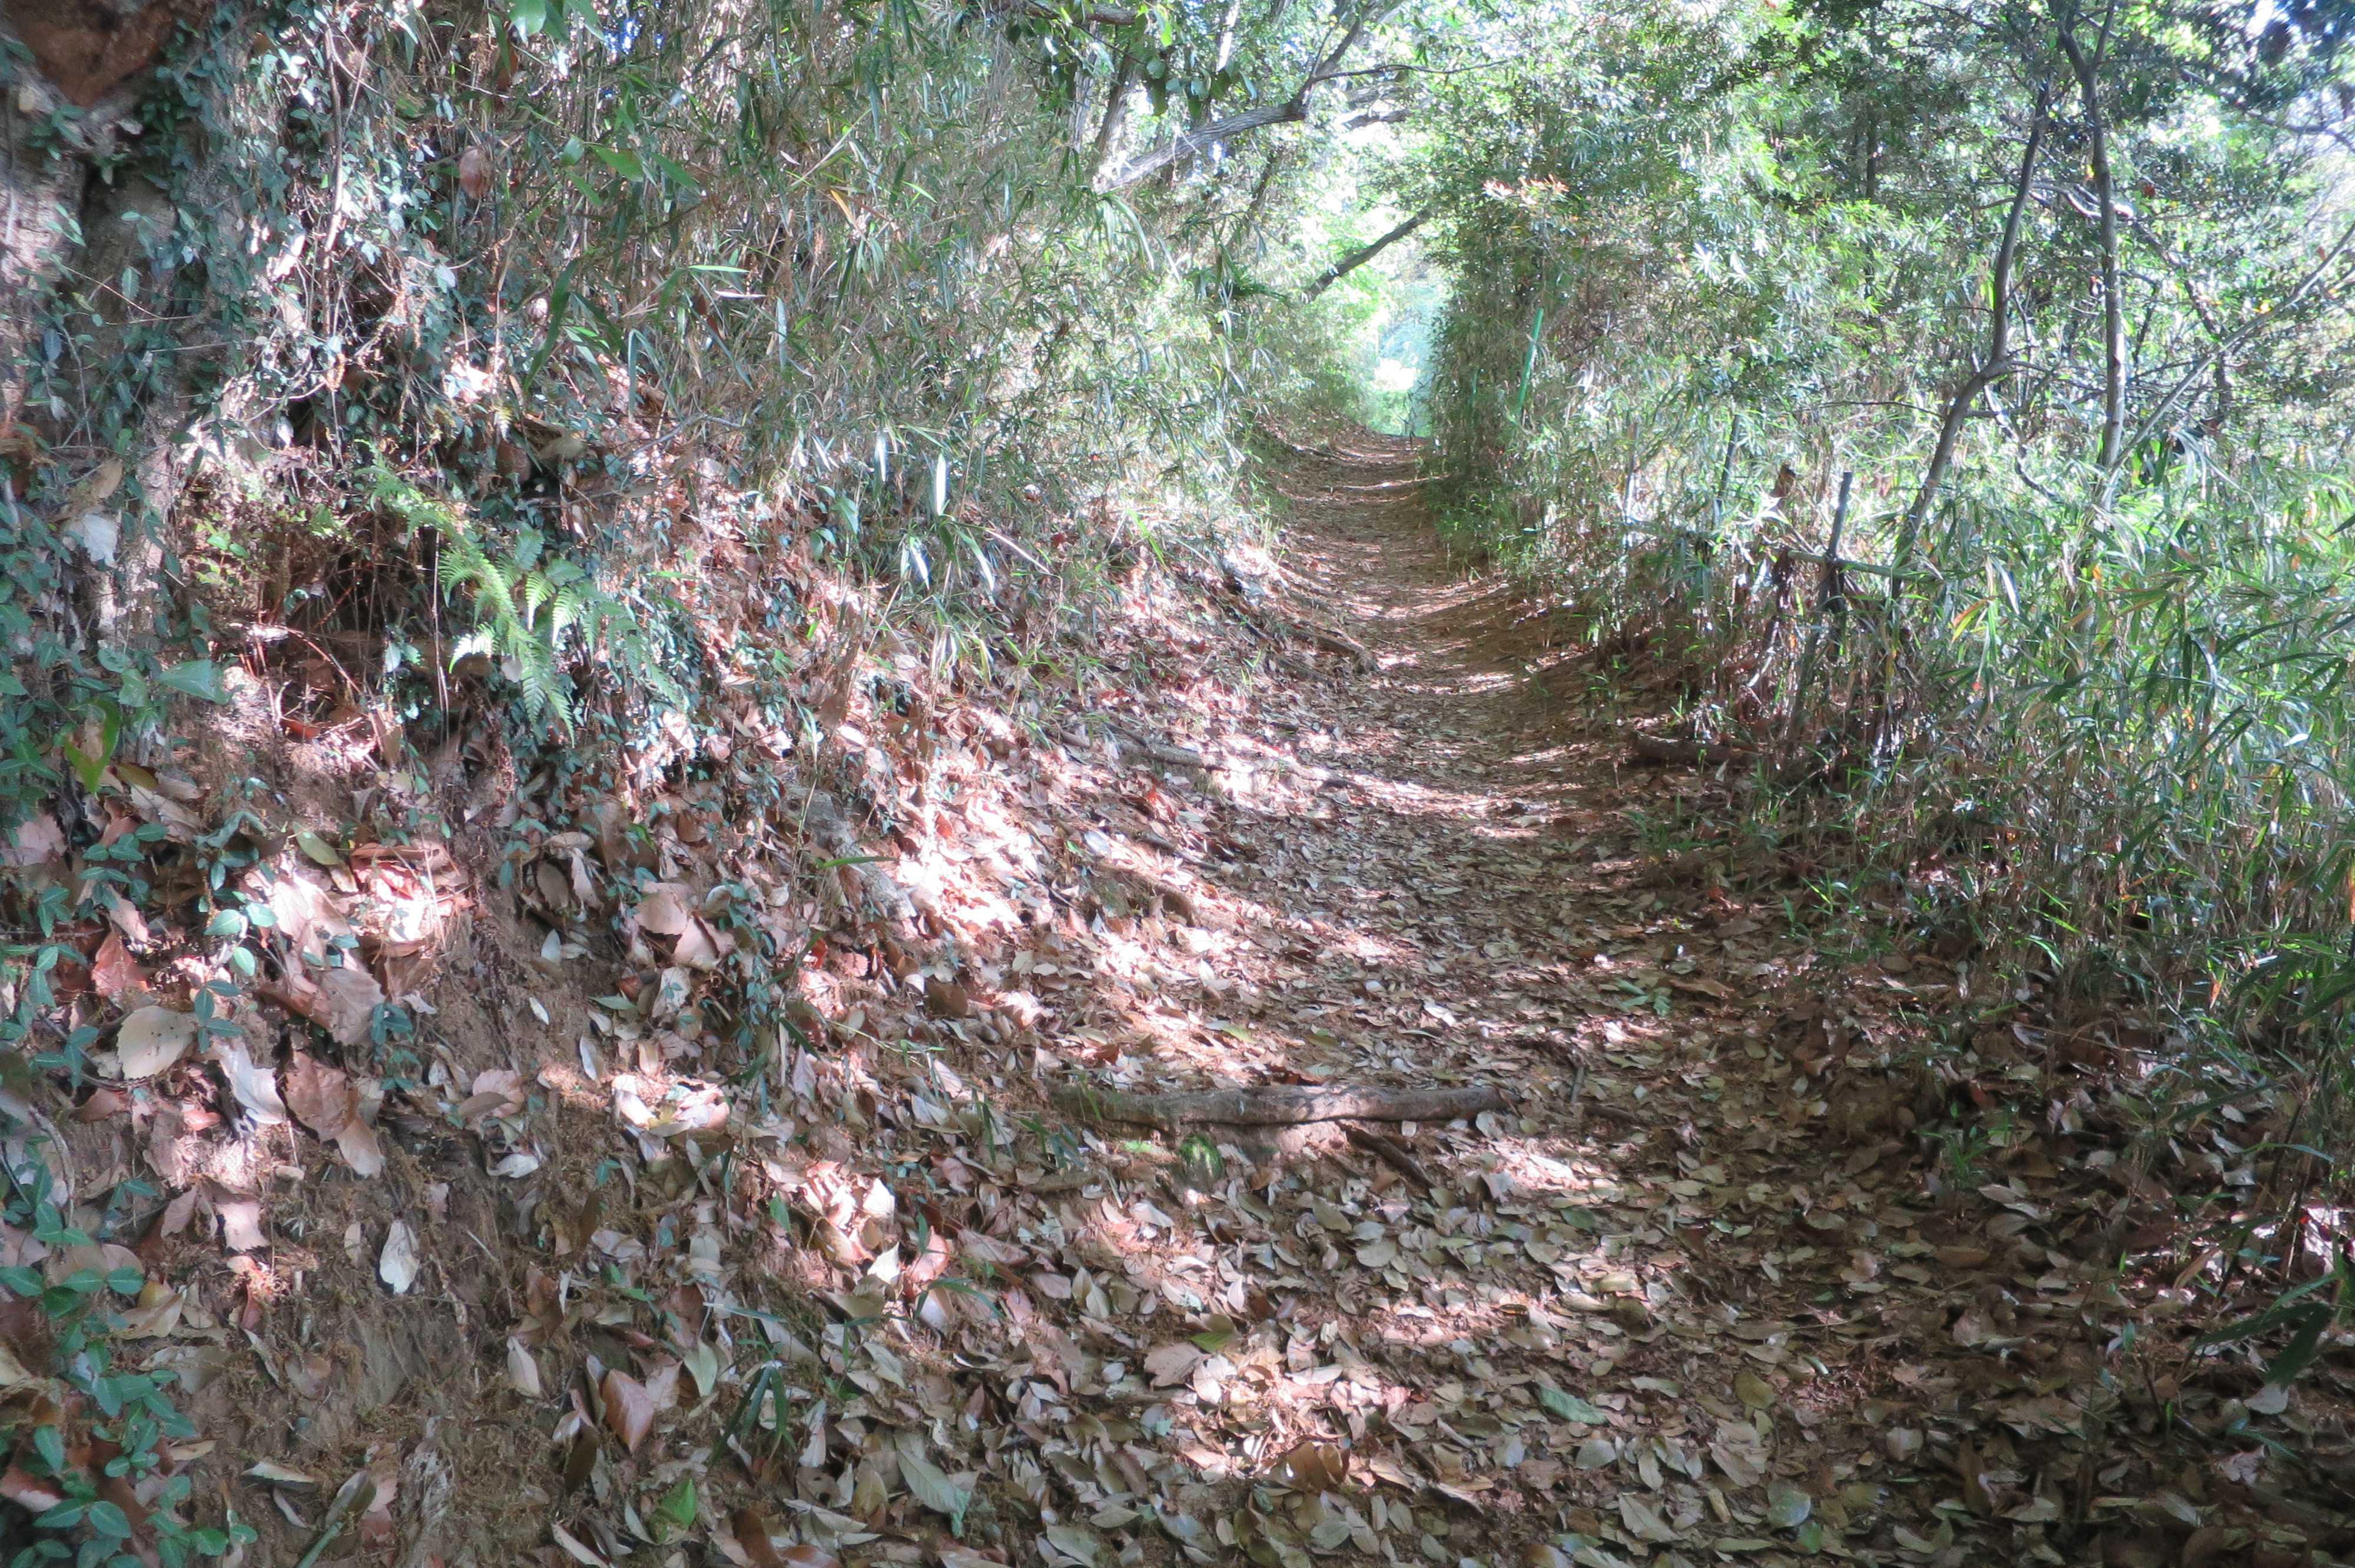 王禅寺ふるさと公園に入る道